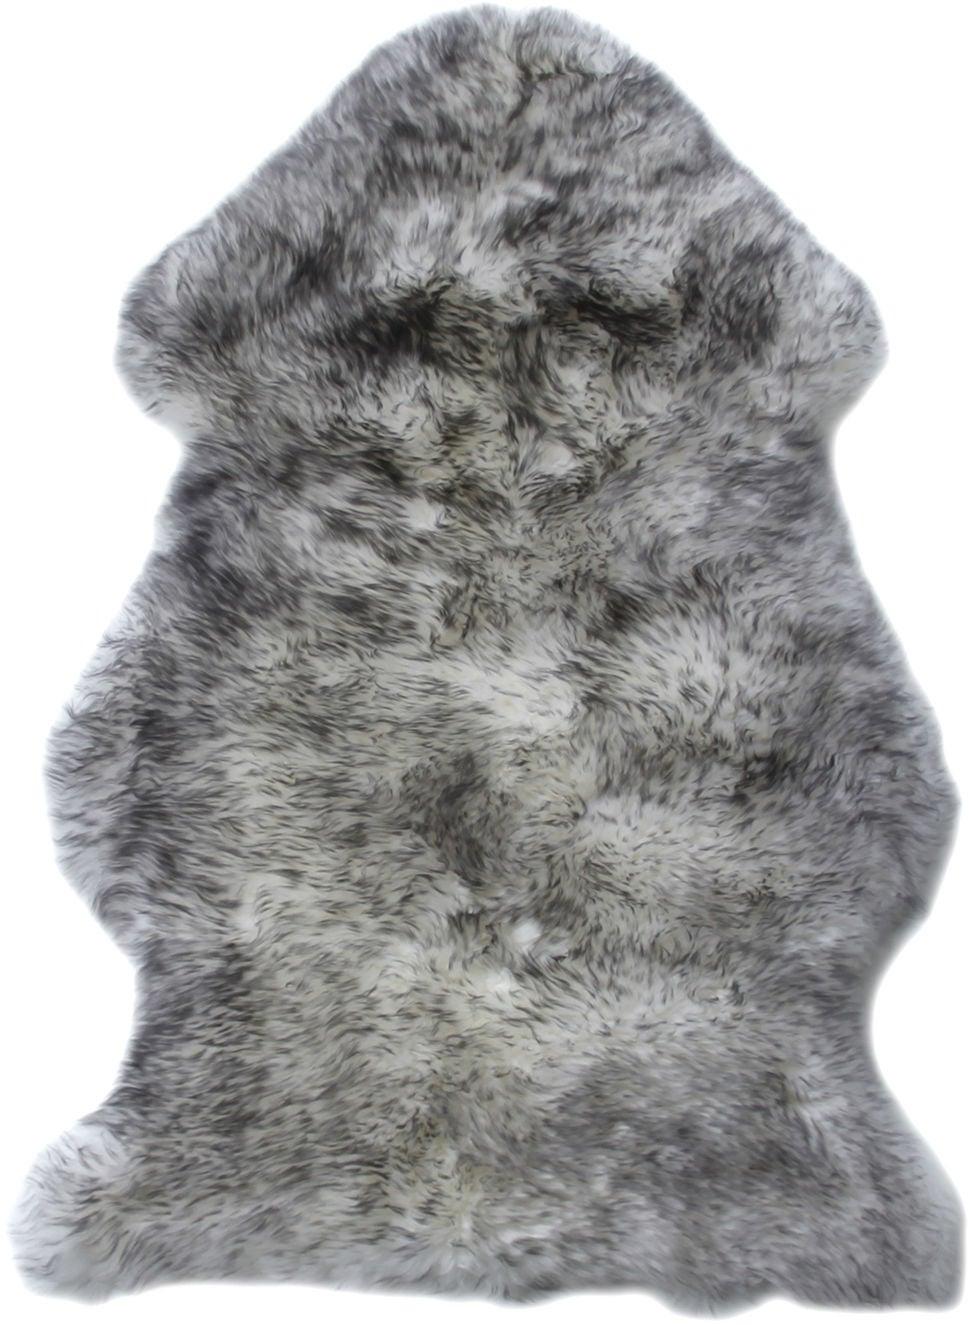 BOZZ Lammskinn Långhårig, Grey Mist